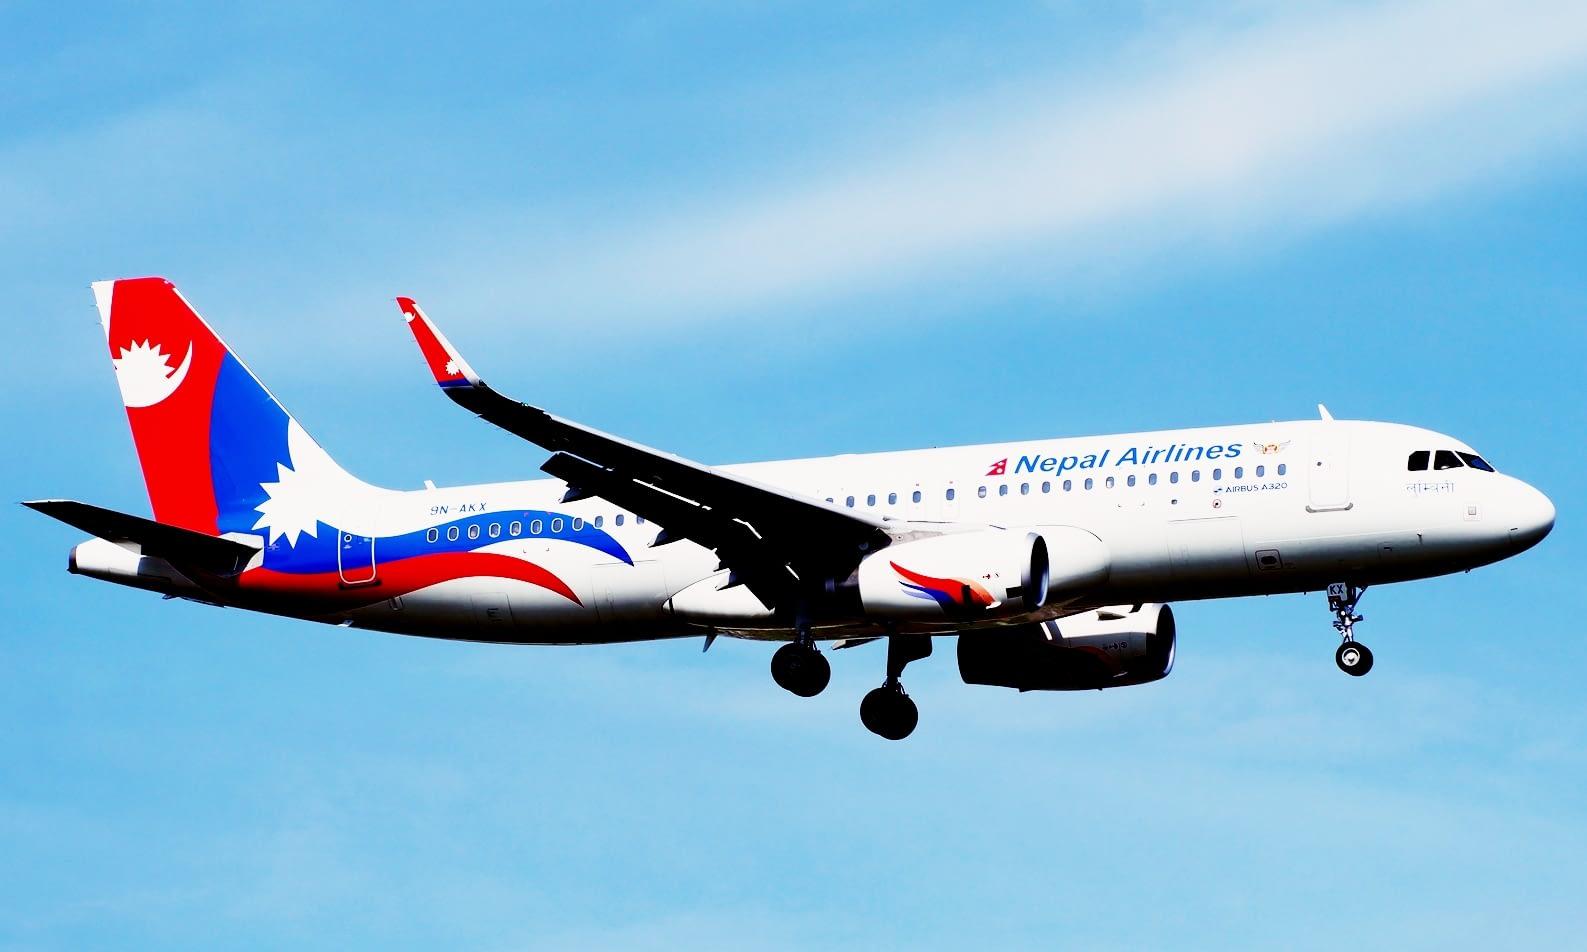 भारतले हवाई रुट दिने सहमति जनायो  चार महिनाभित्र नेपागन्ज-दिल्ली उडान हुने  पर्यटन मन्त्री